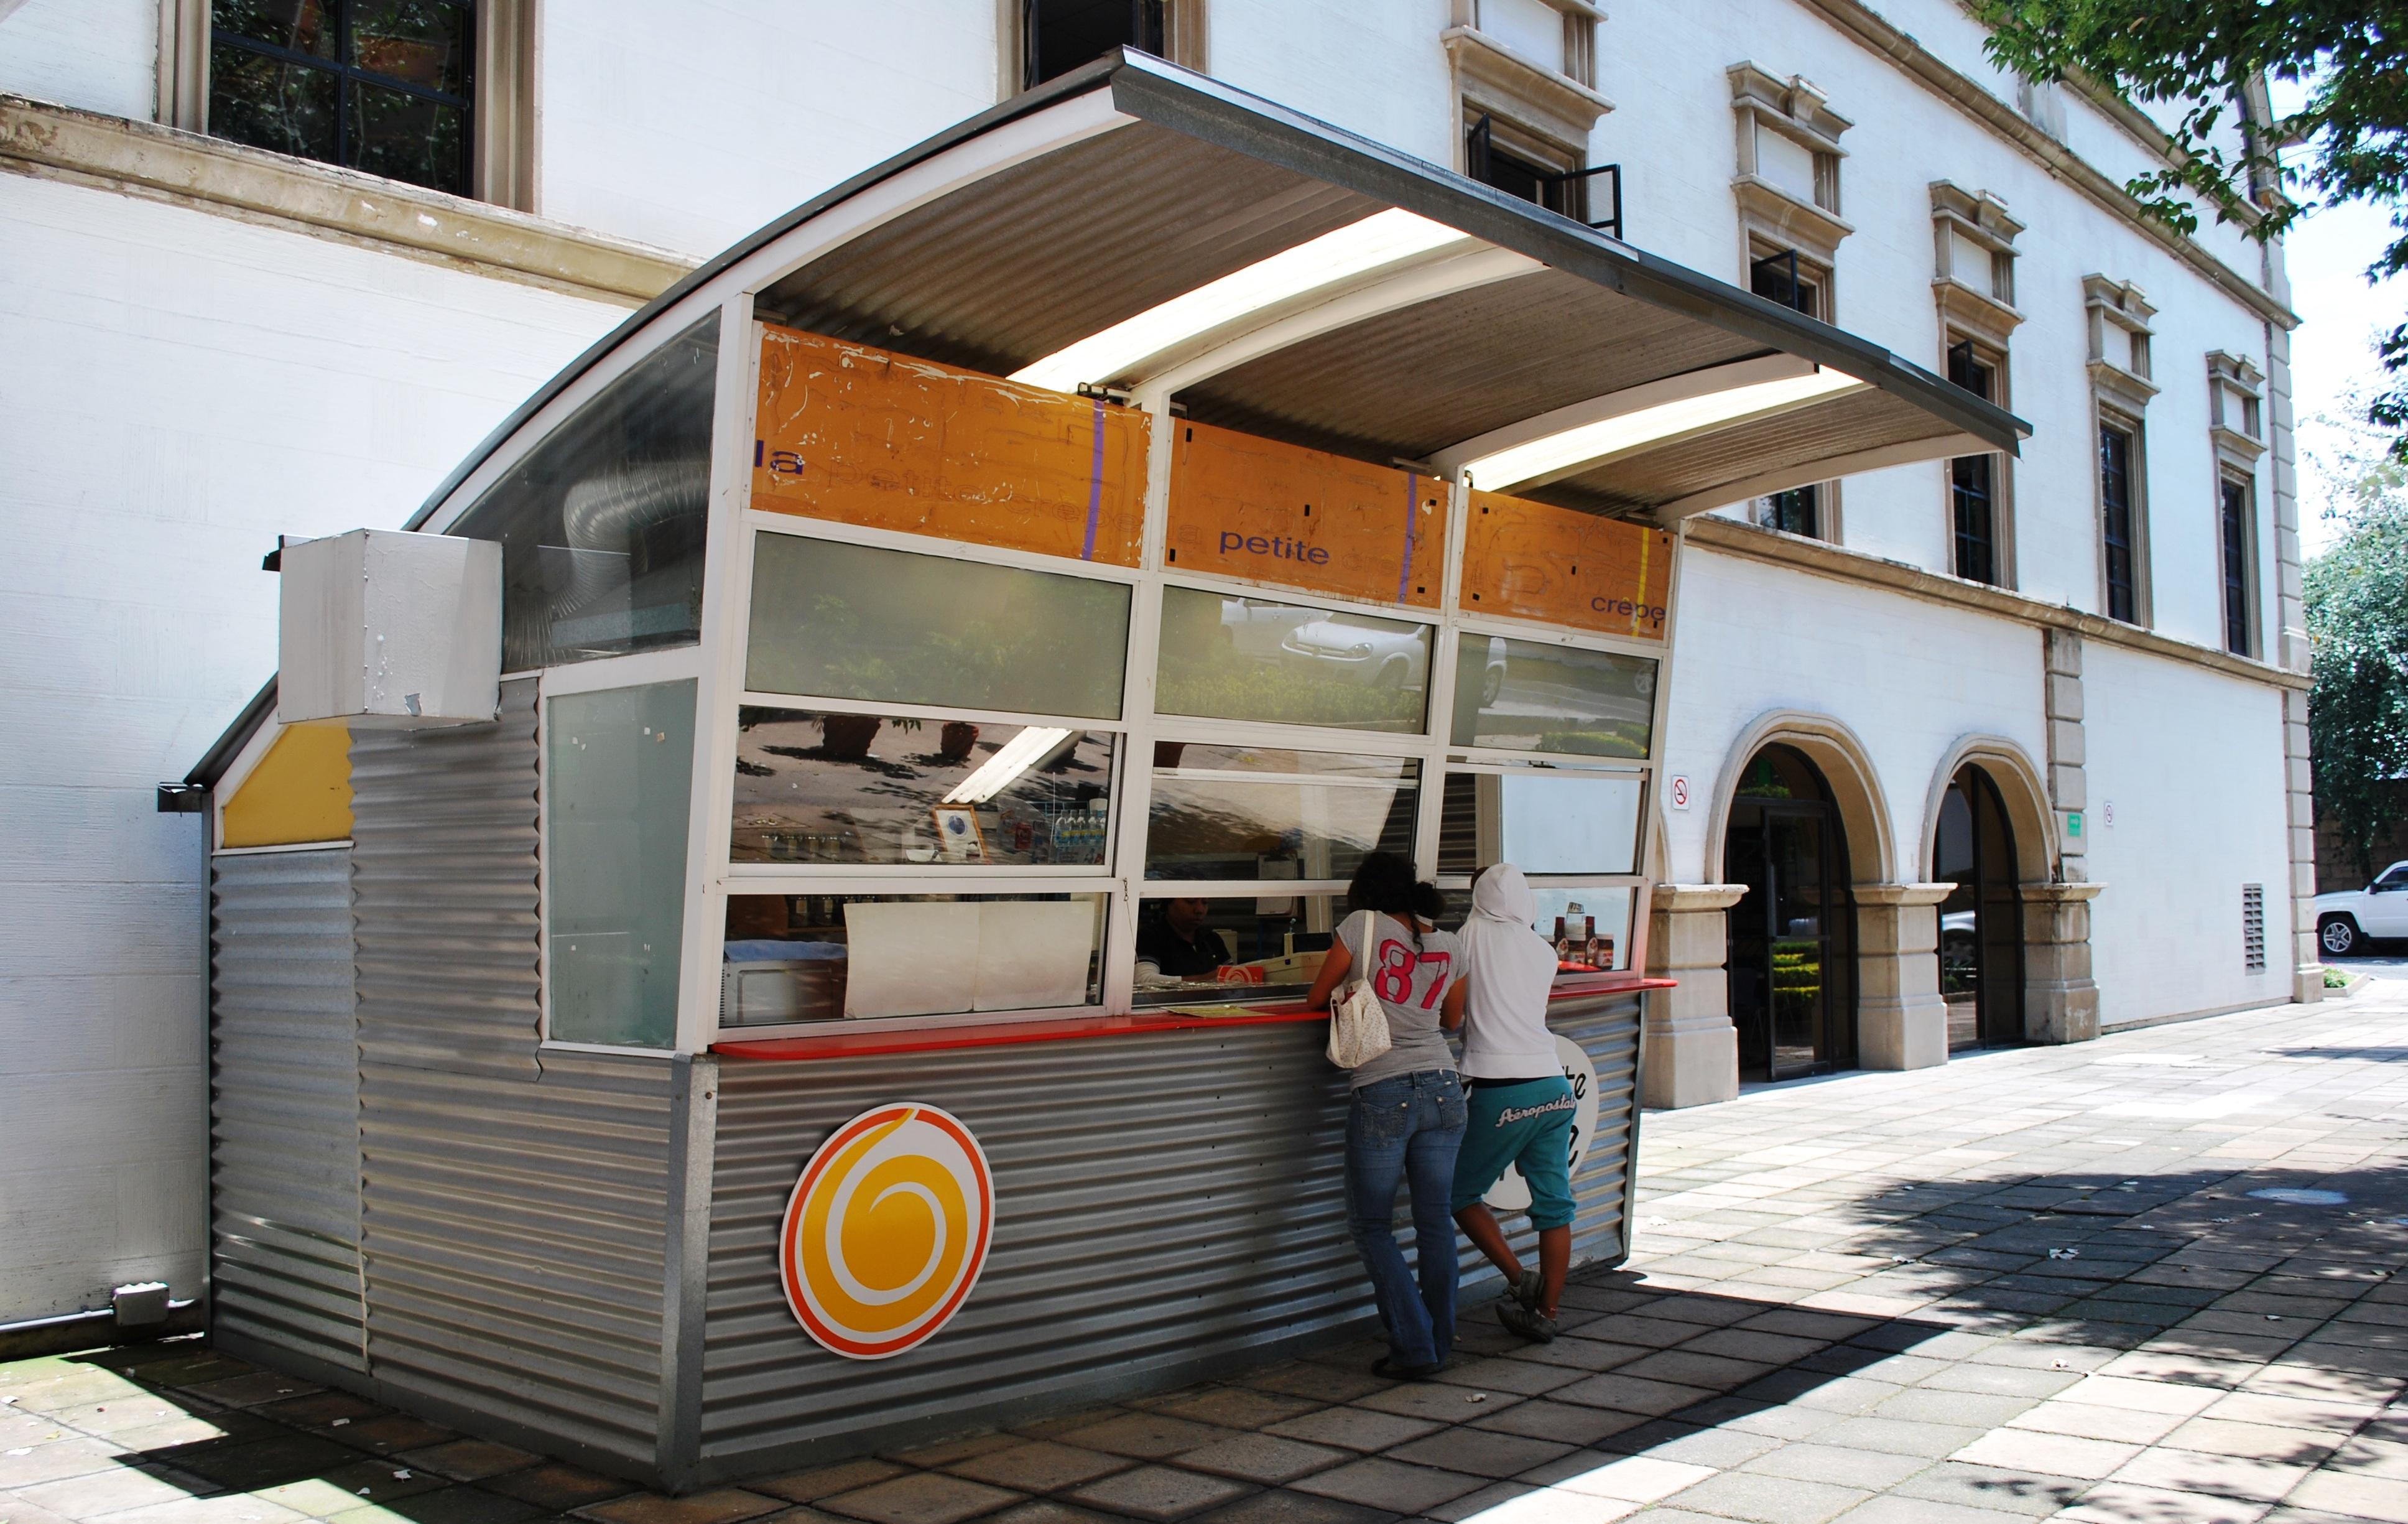 Crepe Restaurant Nyc